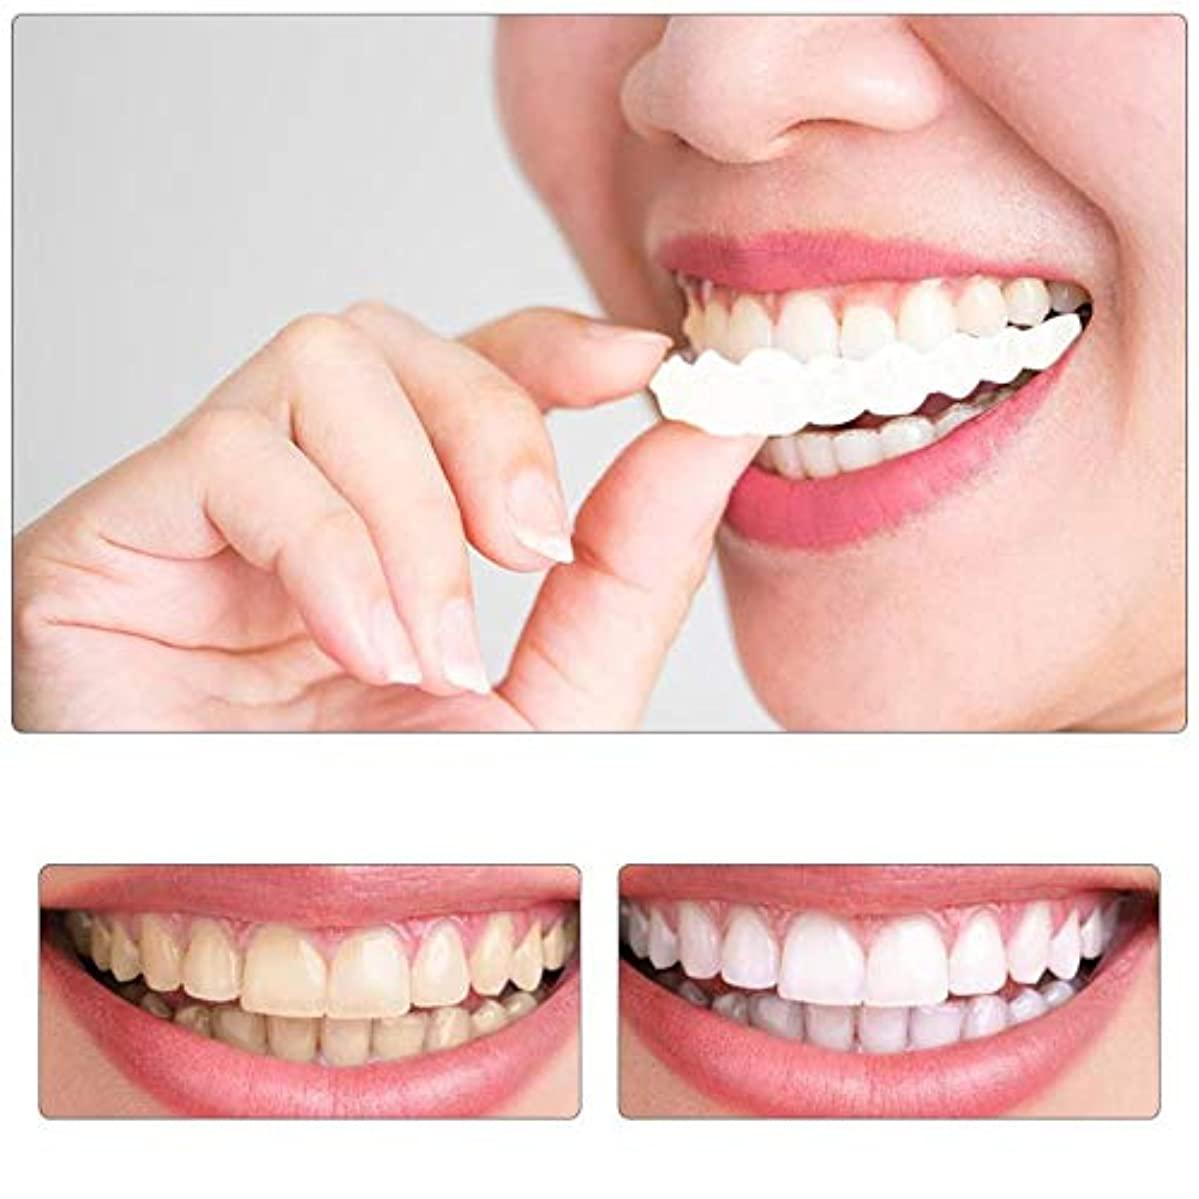 不測の事態意味のある純正1ペア偽歯上部偽偽歯カバースナップオン即時歯化粧品義歯ケアオーラルケアプラスチックホワイトニング義歯